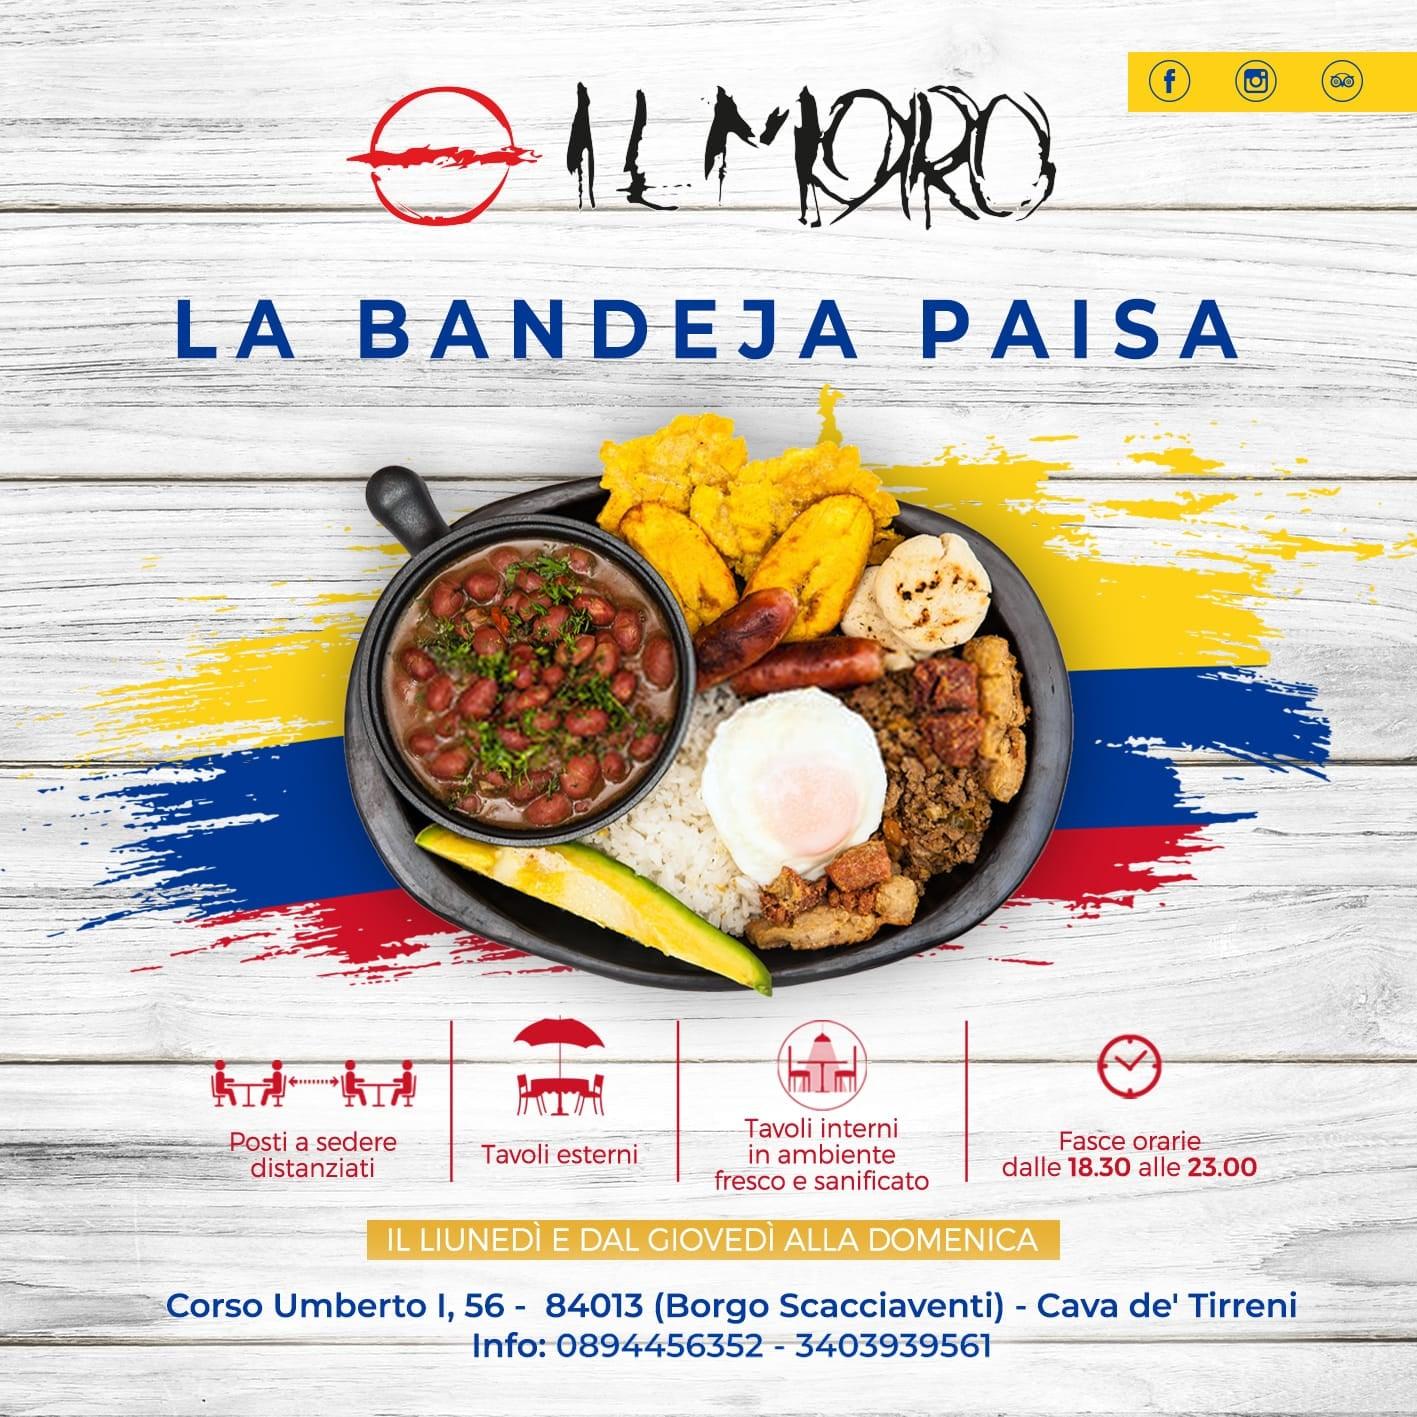 Scopri la Bandeja Paisa del Pub Il Moro, il lunedì e dal giovedì alla domenica!